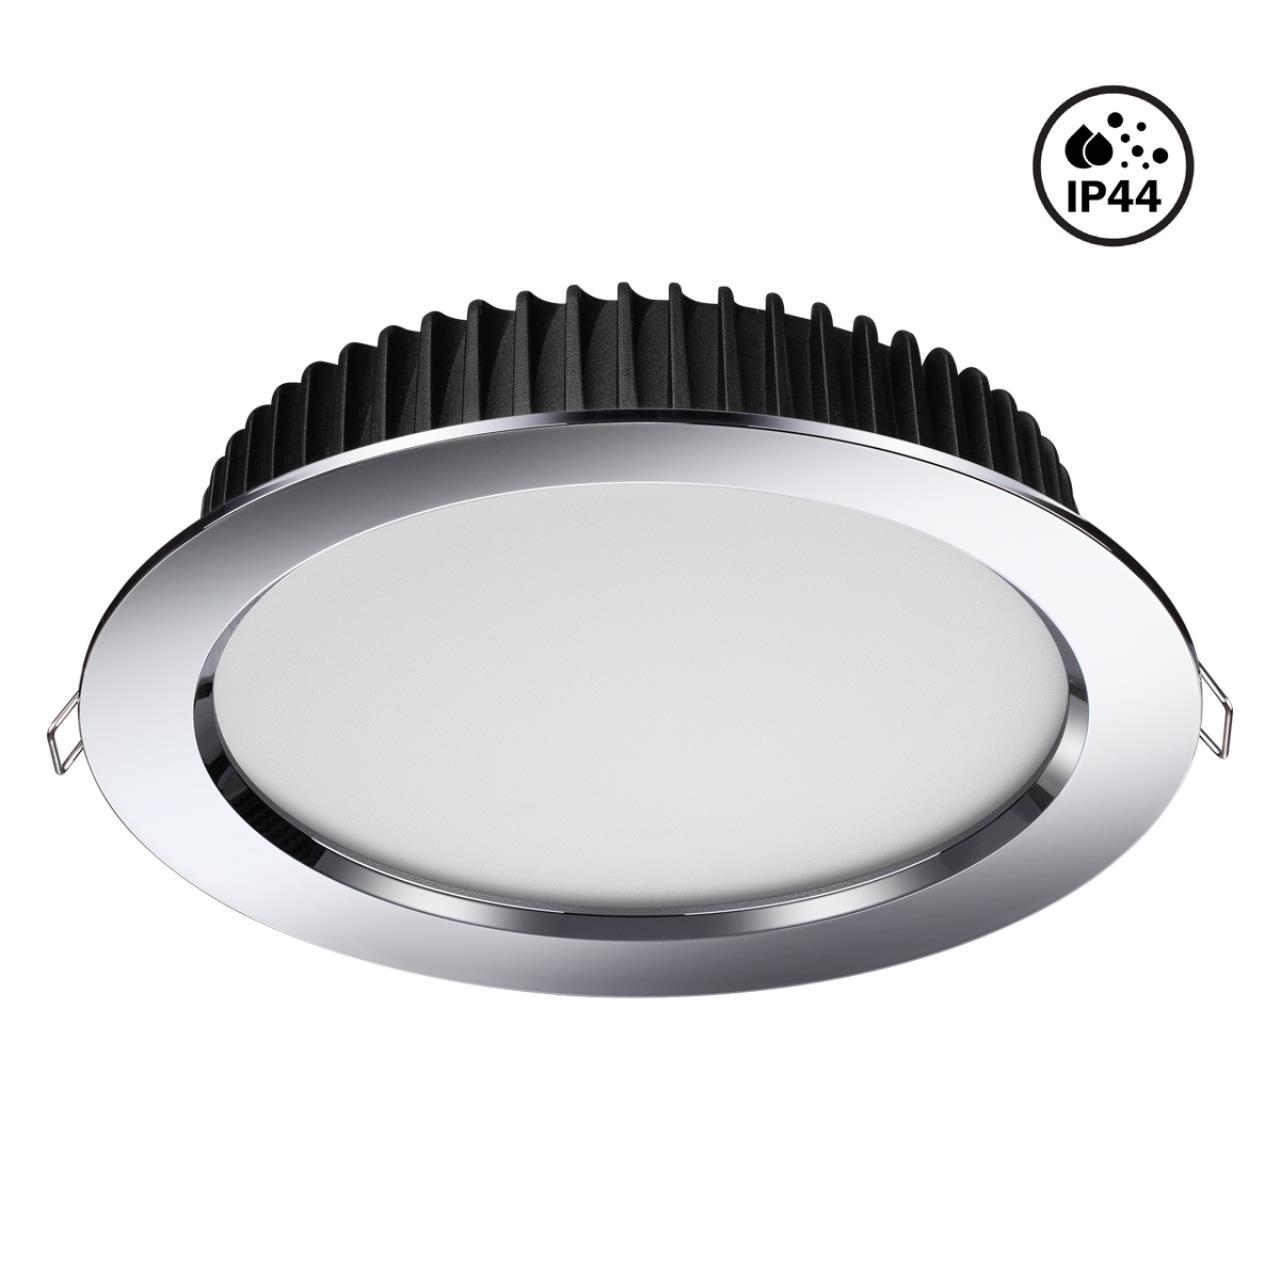 358307 SPOT NT19 000 хром Встраиваемый св-к (драйвер в комплект не входит) IP44 LED 4000K 20W